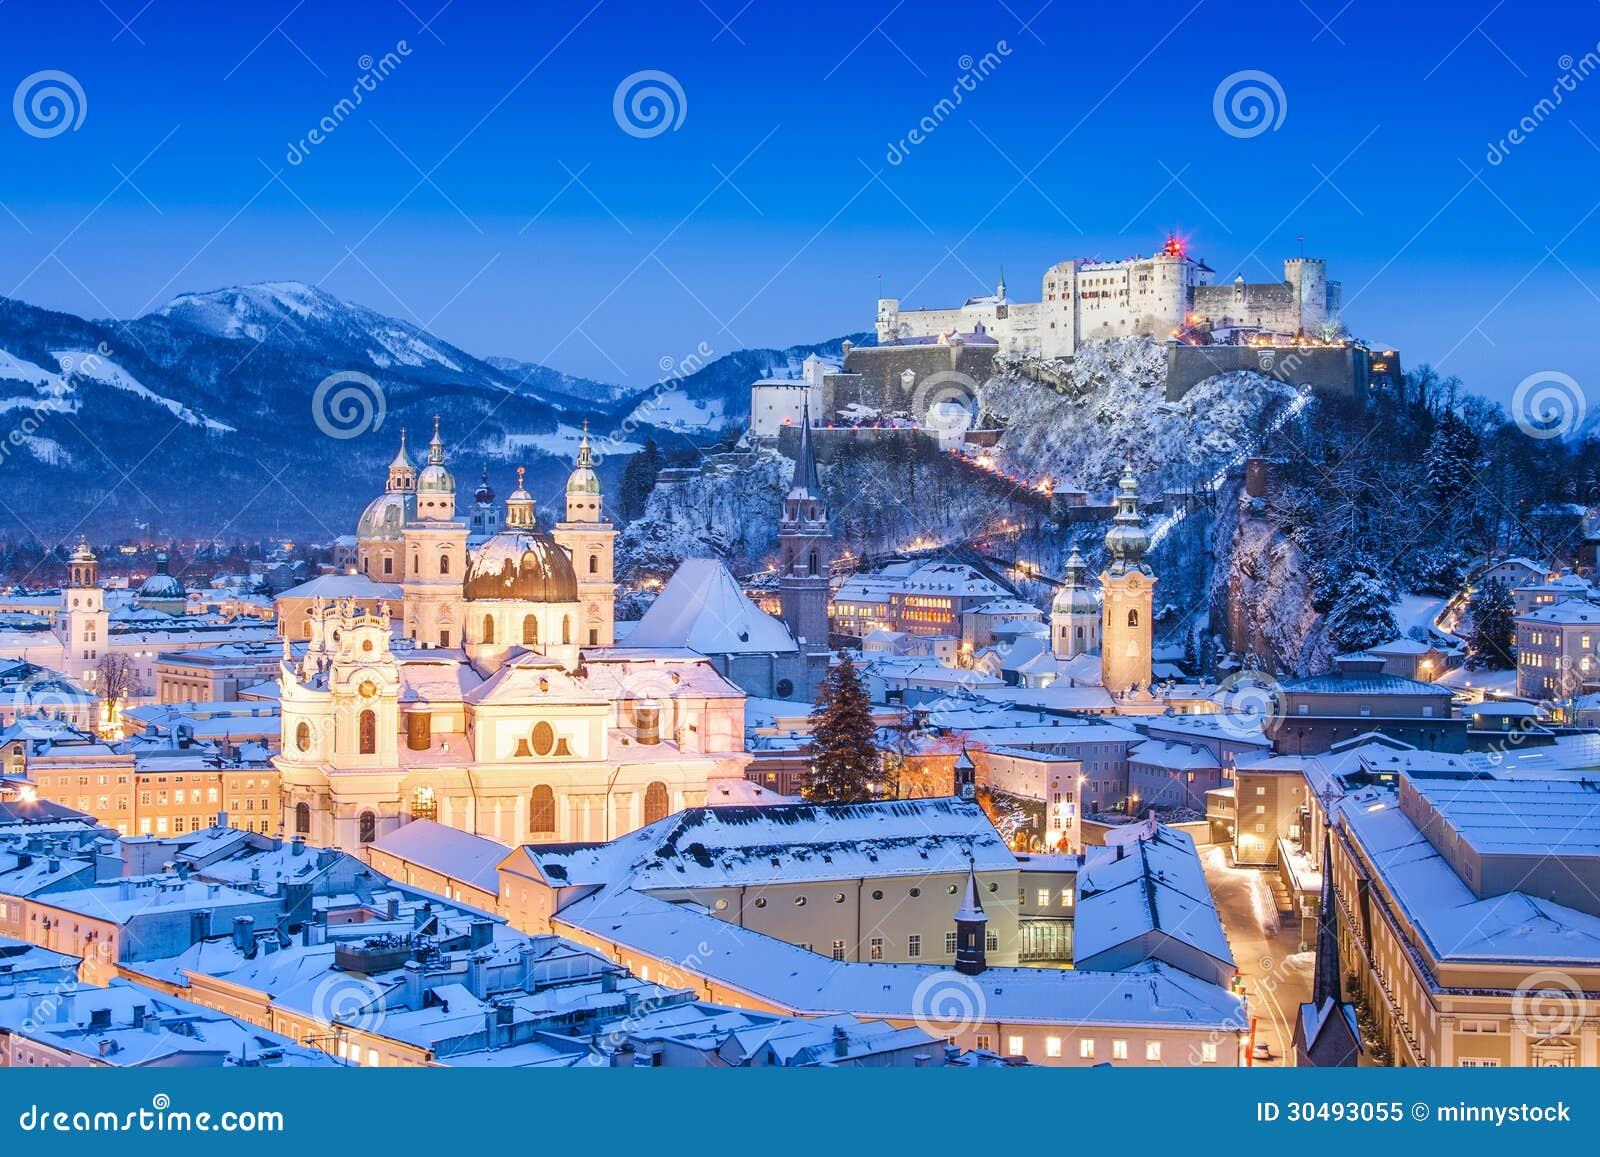 Horizonte de Salzburg en invierno según lo visto de Moenchsberg, tierra de Salzburger, Austria